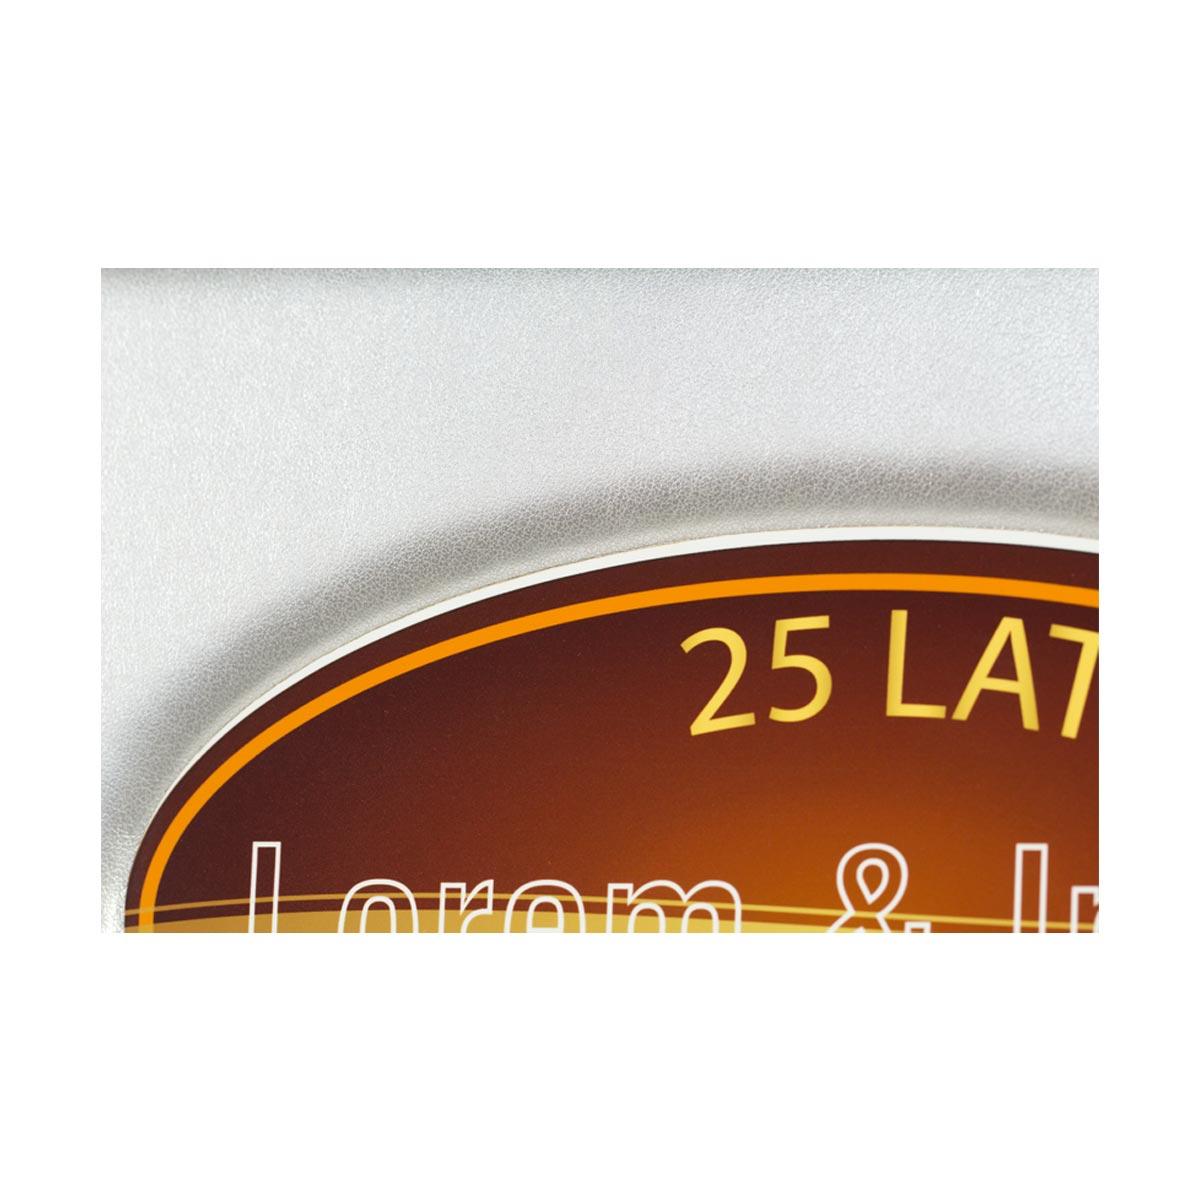 Album pamiątkowy dla firmy dowolny projekt 3269_2 Albumy tradycyjne